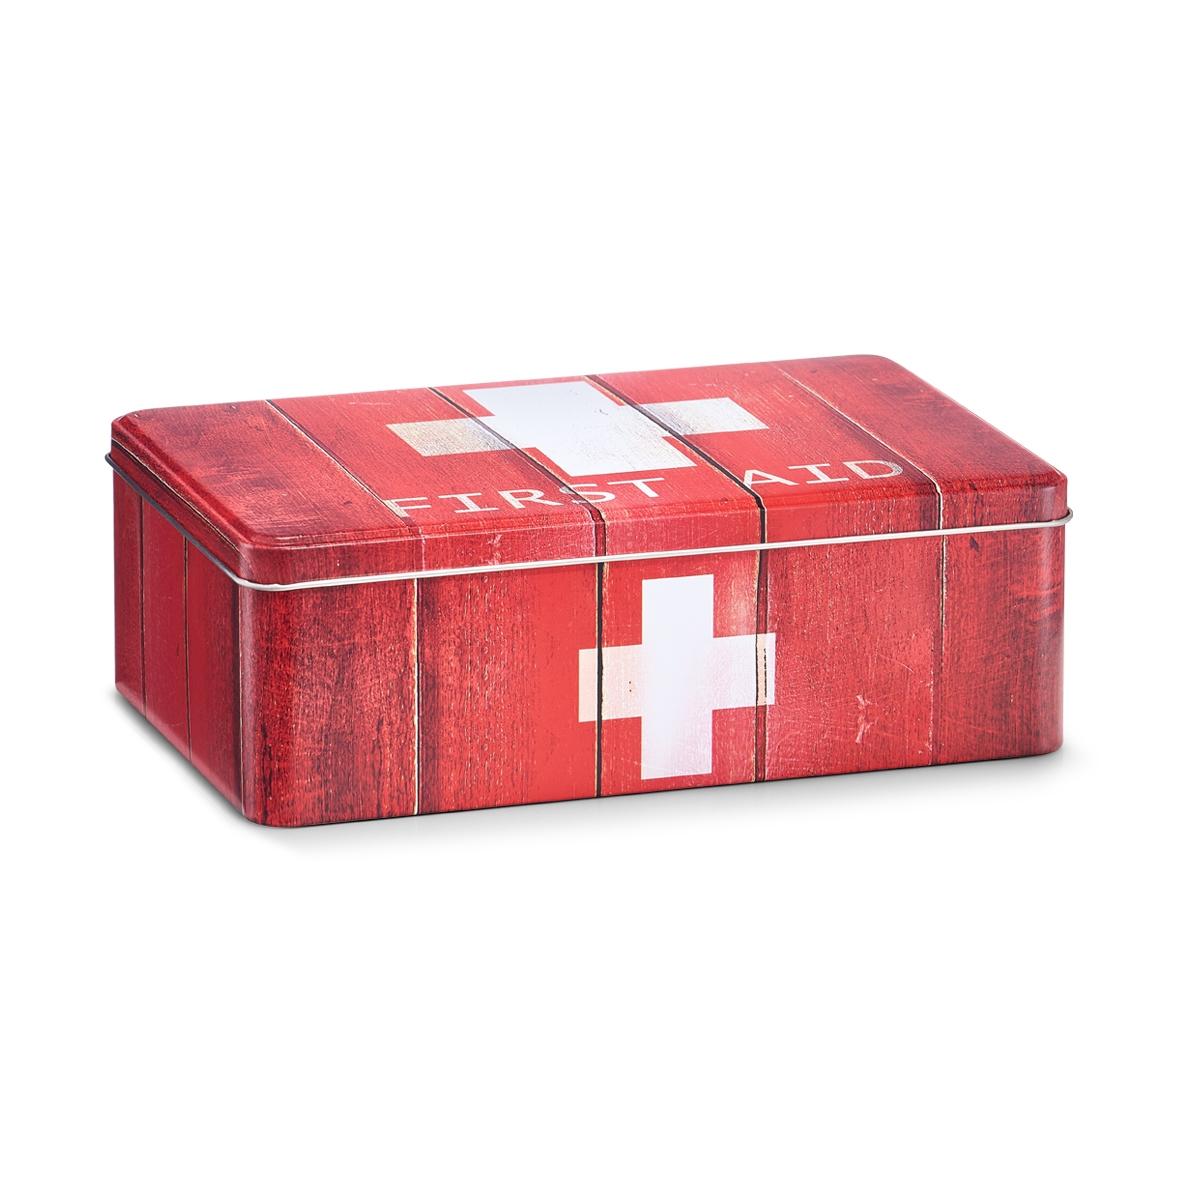 Cutie pentru depozitarea medicamentelor, First Aid, Metal Red, l20xA13xH6,8 cm imagine